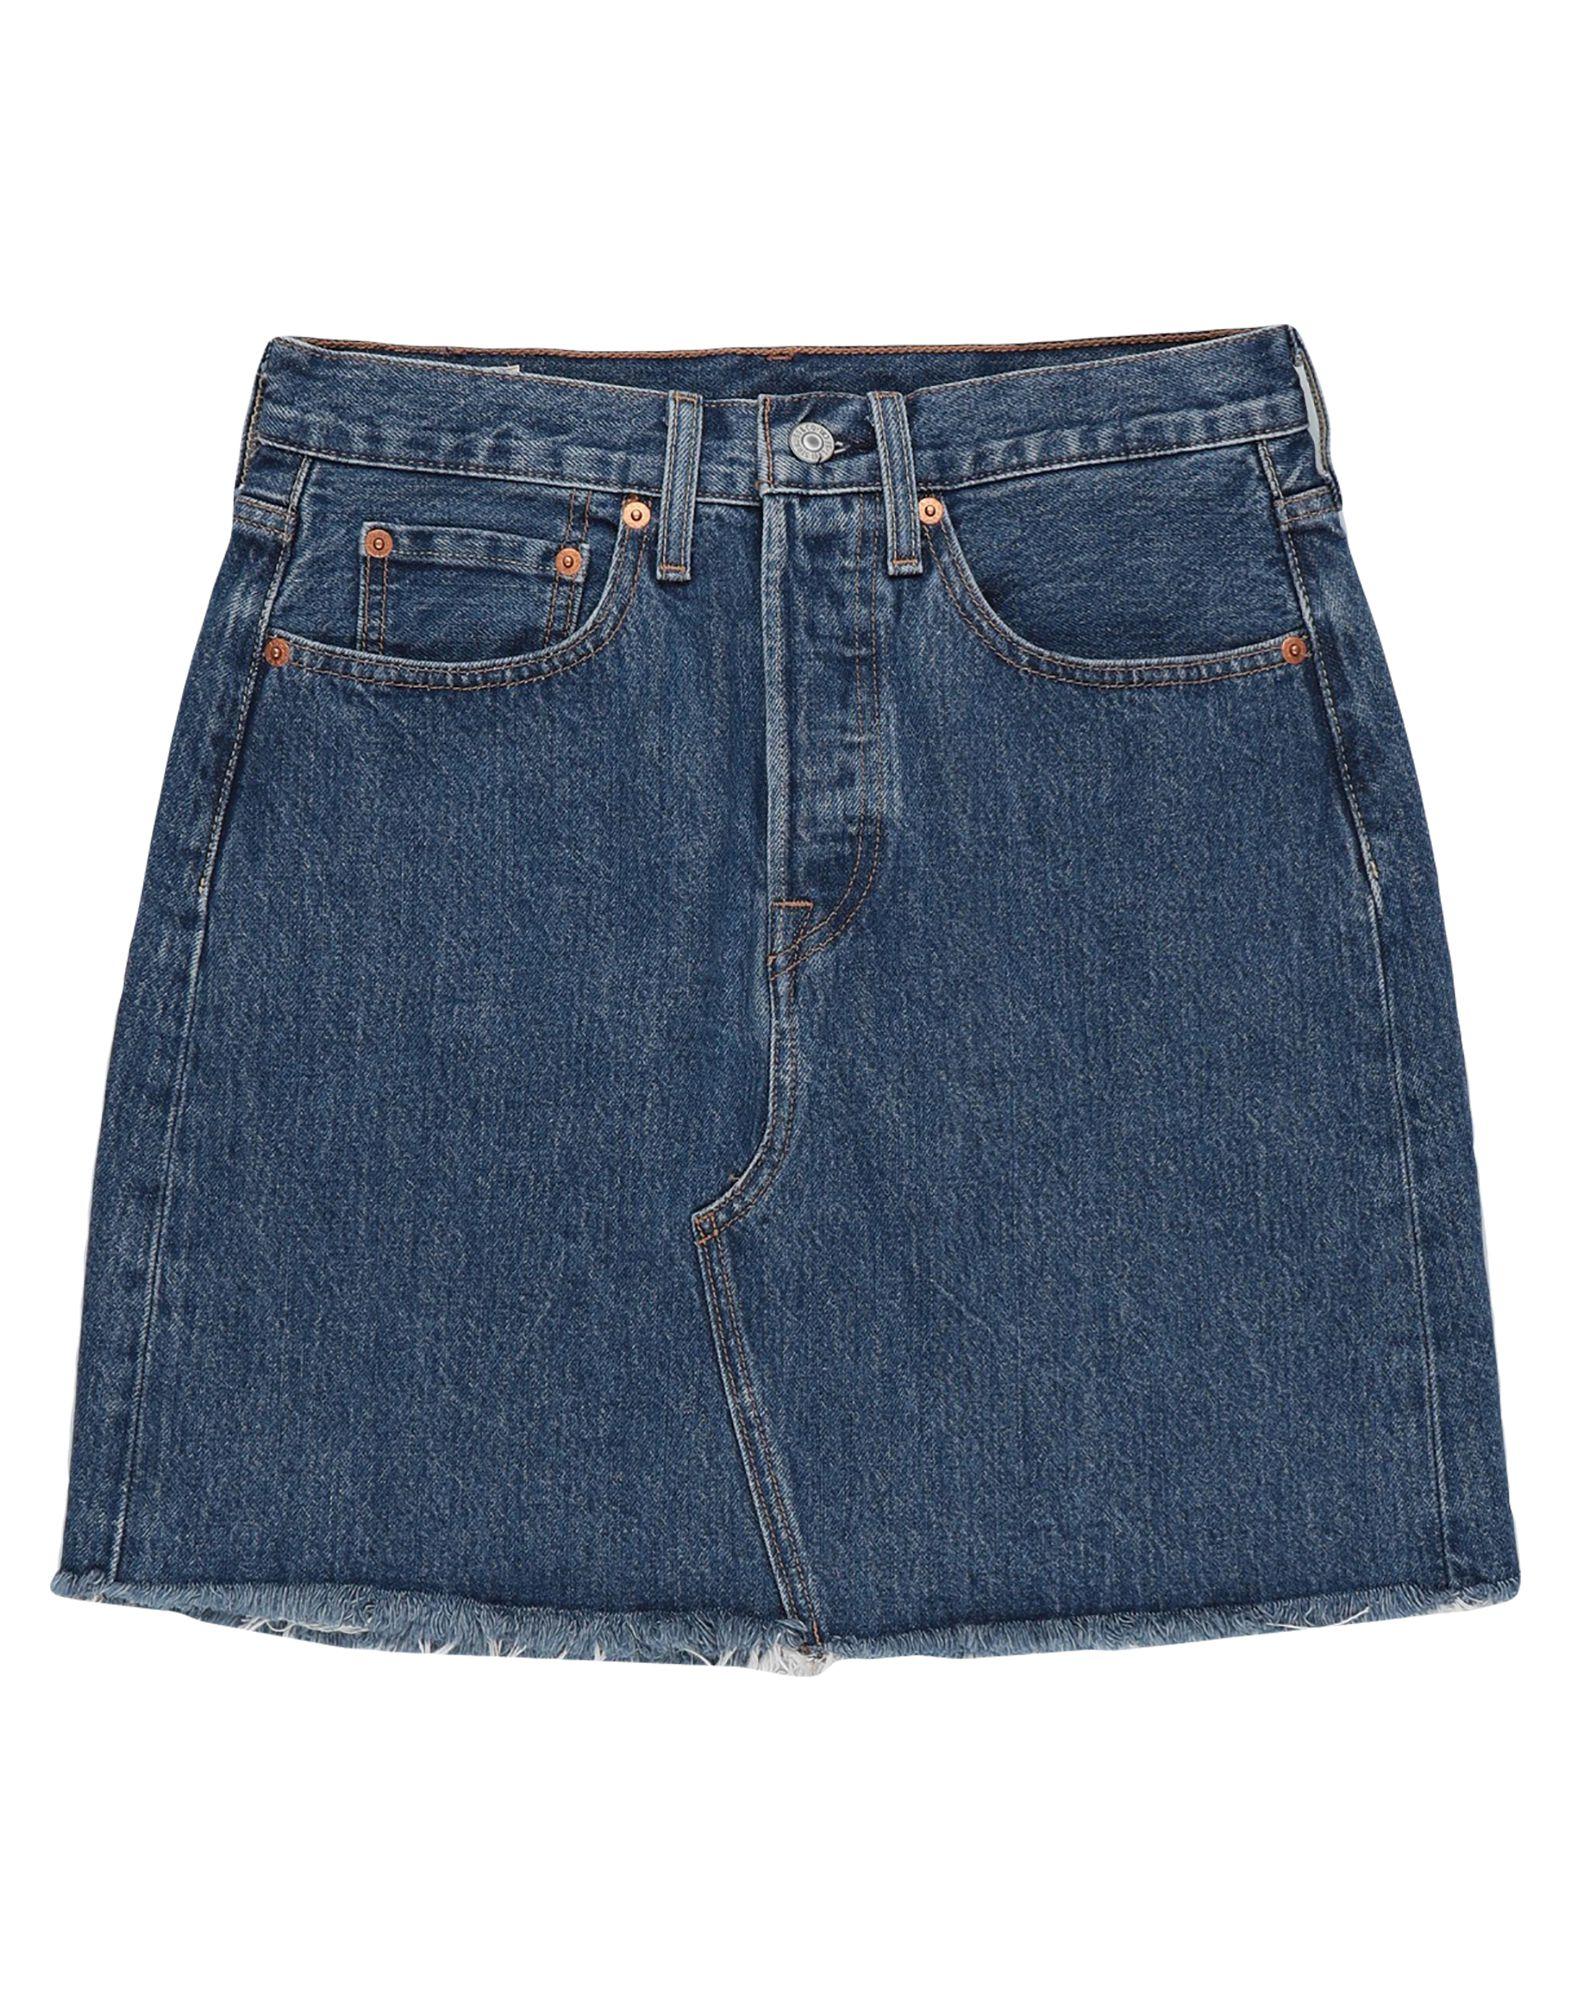 LEVI' S Джинсовая юбка джинсы женские levi s® 711 skinny цвет синий 1888102060 размер 24 32 40 32